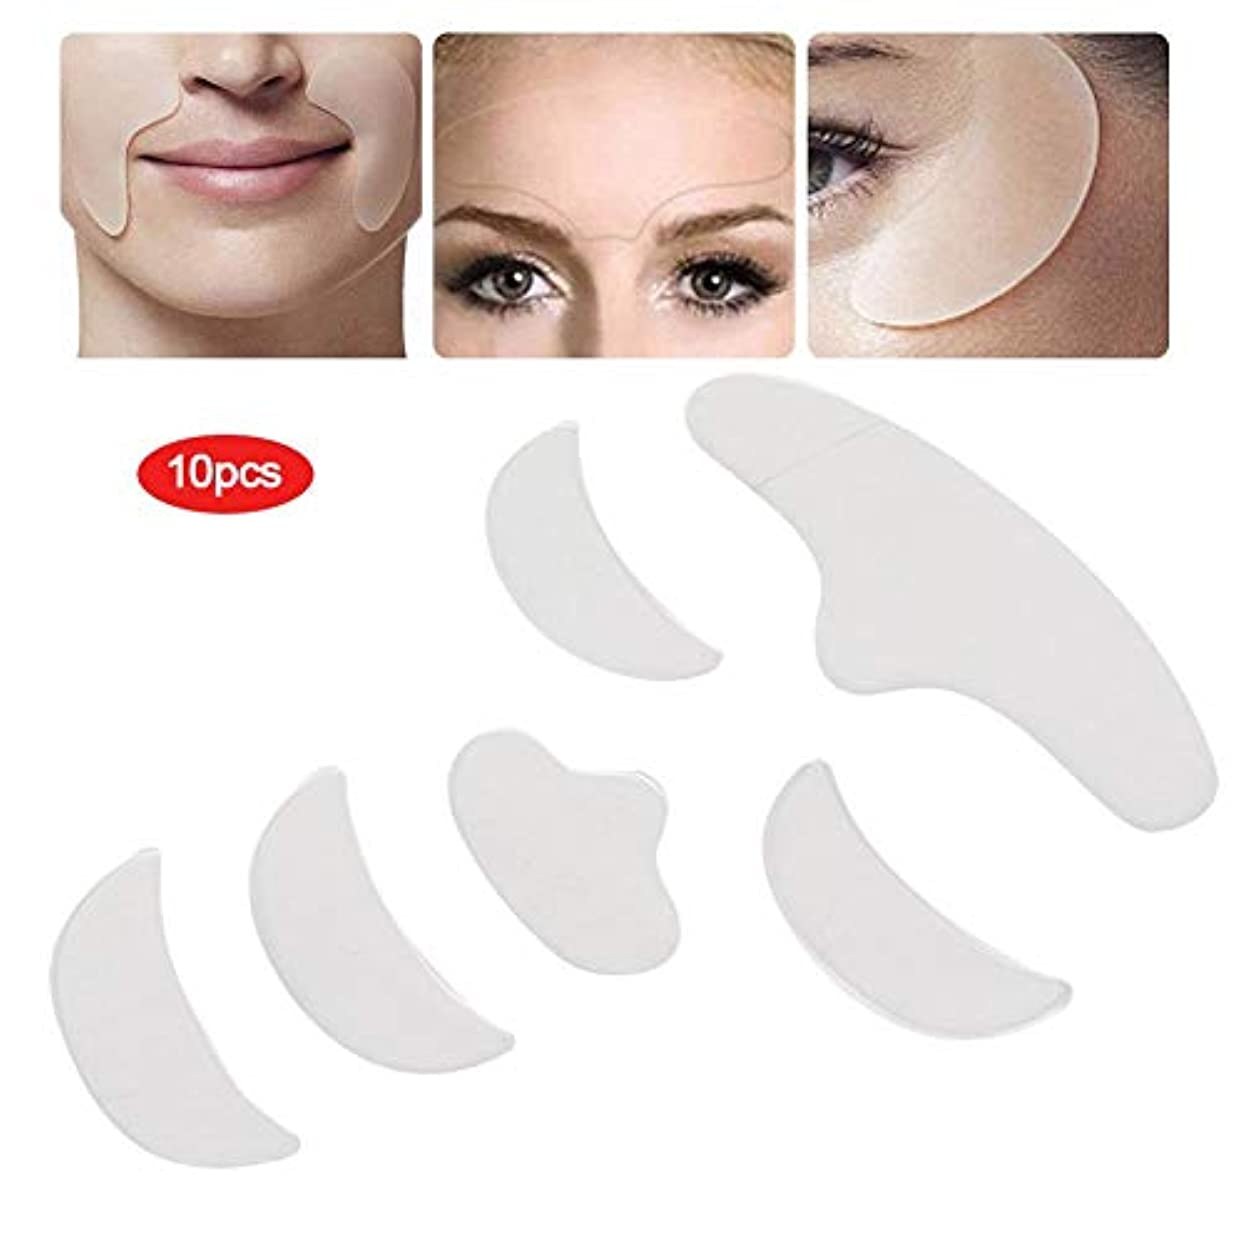 軸子音ハンカチ返り 肌の弾力性 6ピース シリコーンパッチパッド スキンリフティング 再利用可能な額 目 あご フェイスパッチ